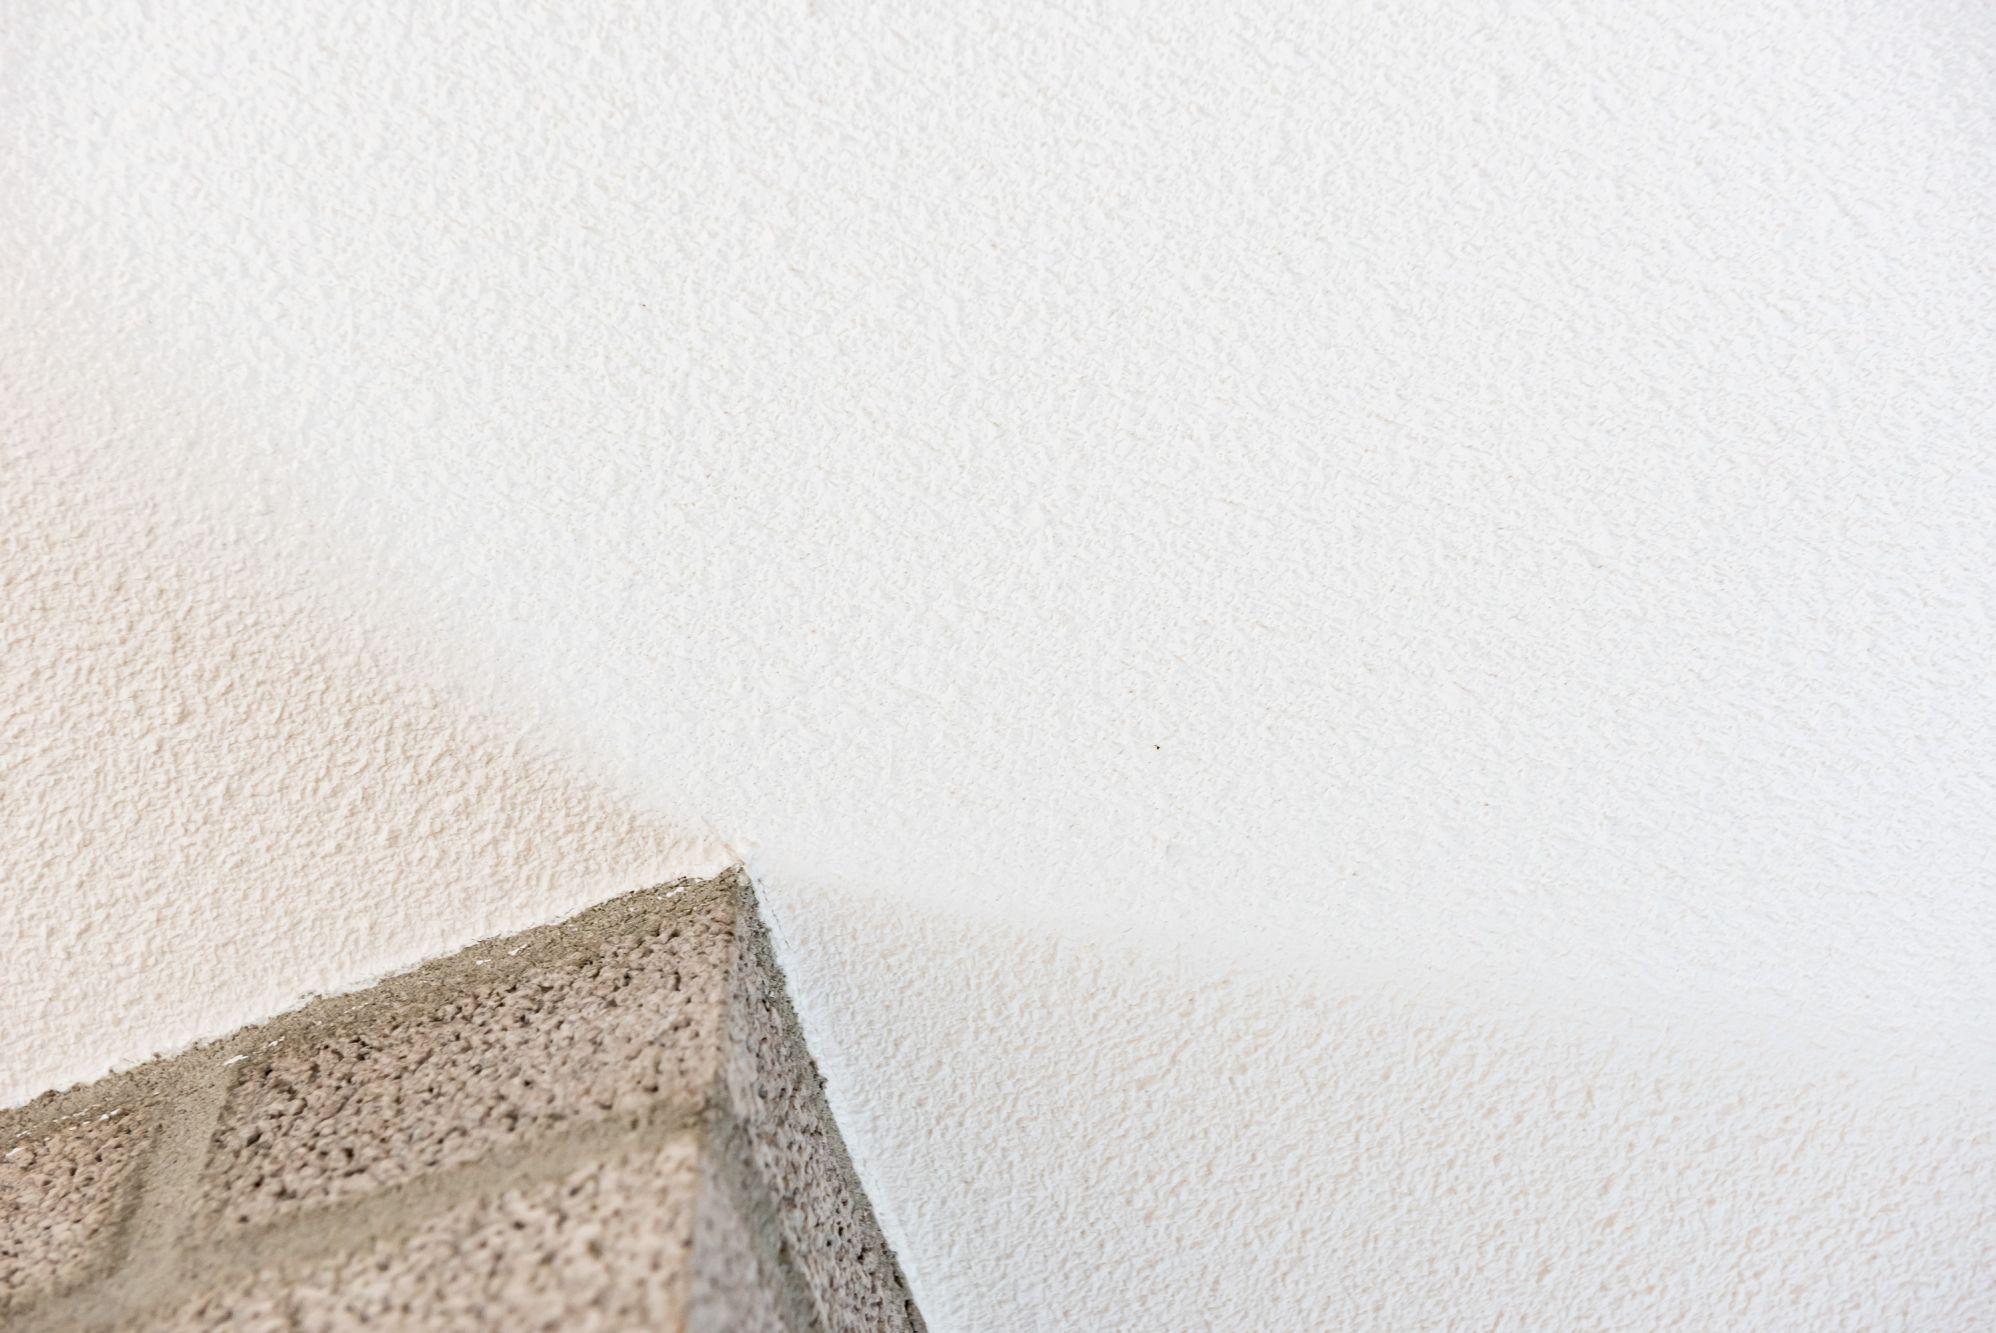 plafond spackspuitwerk detail